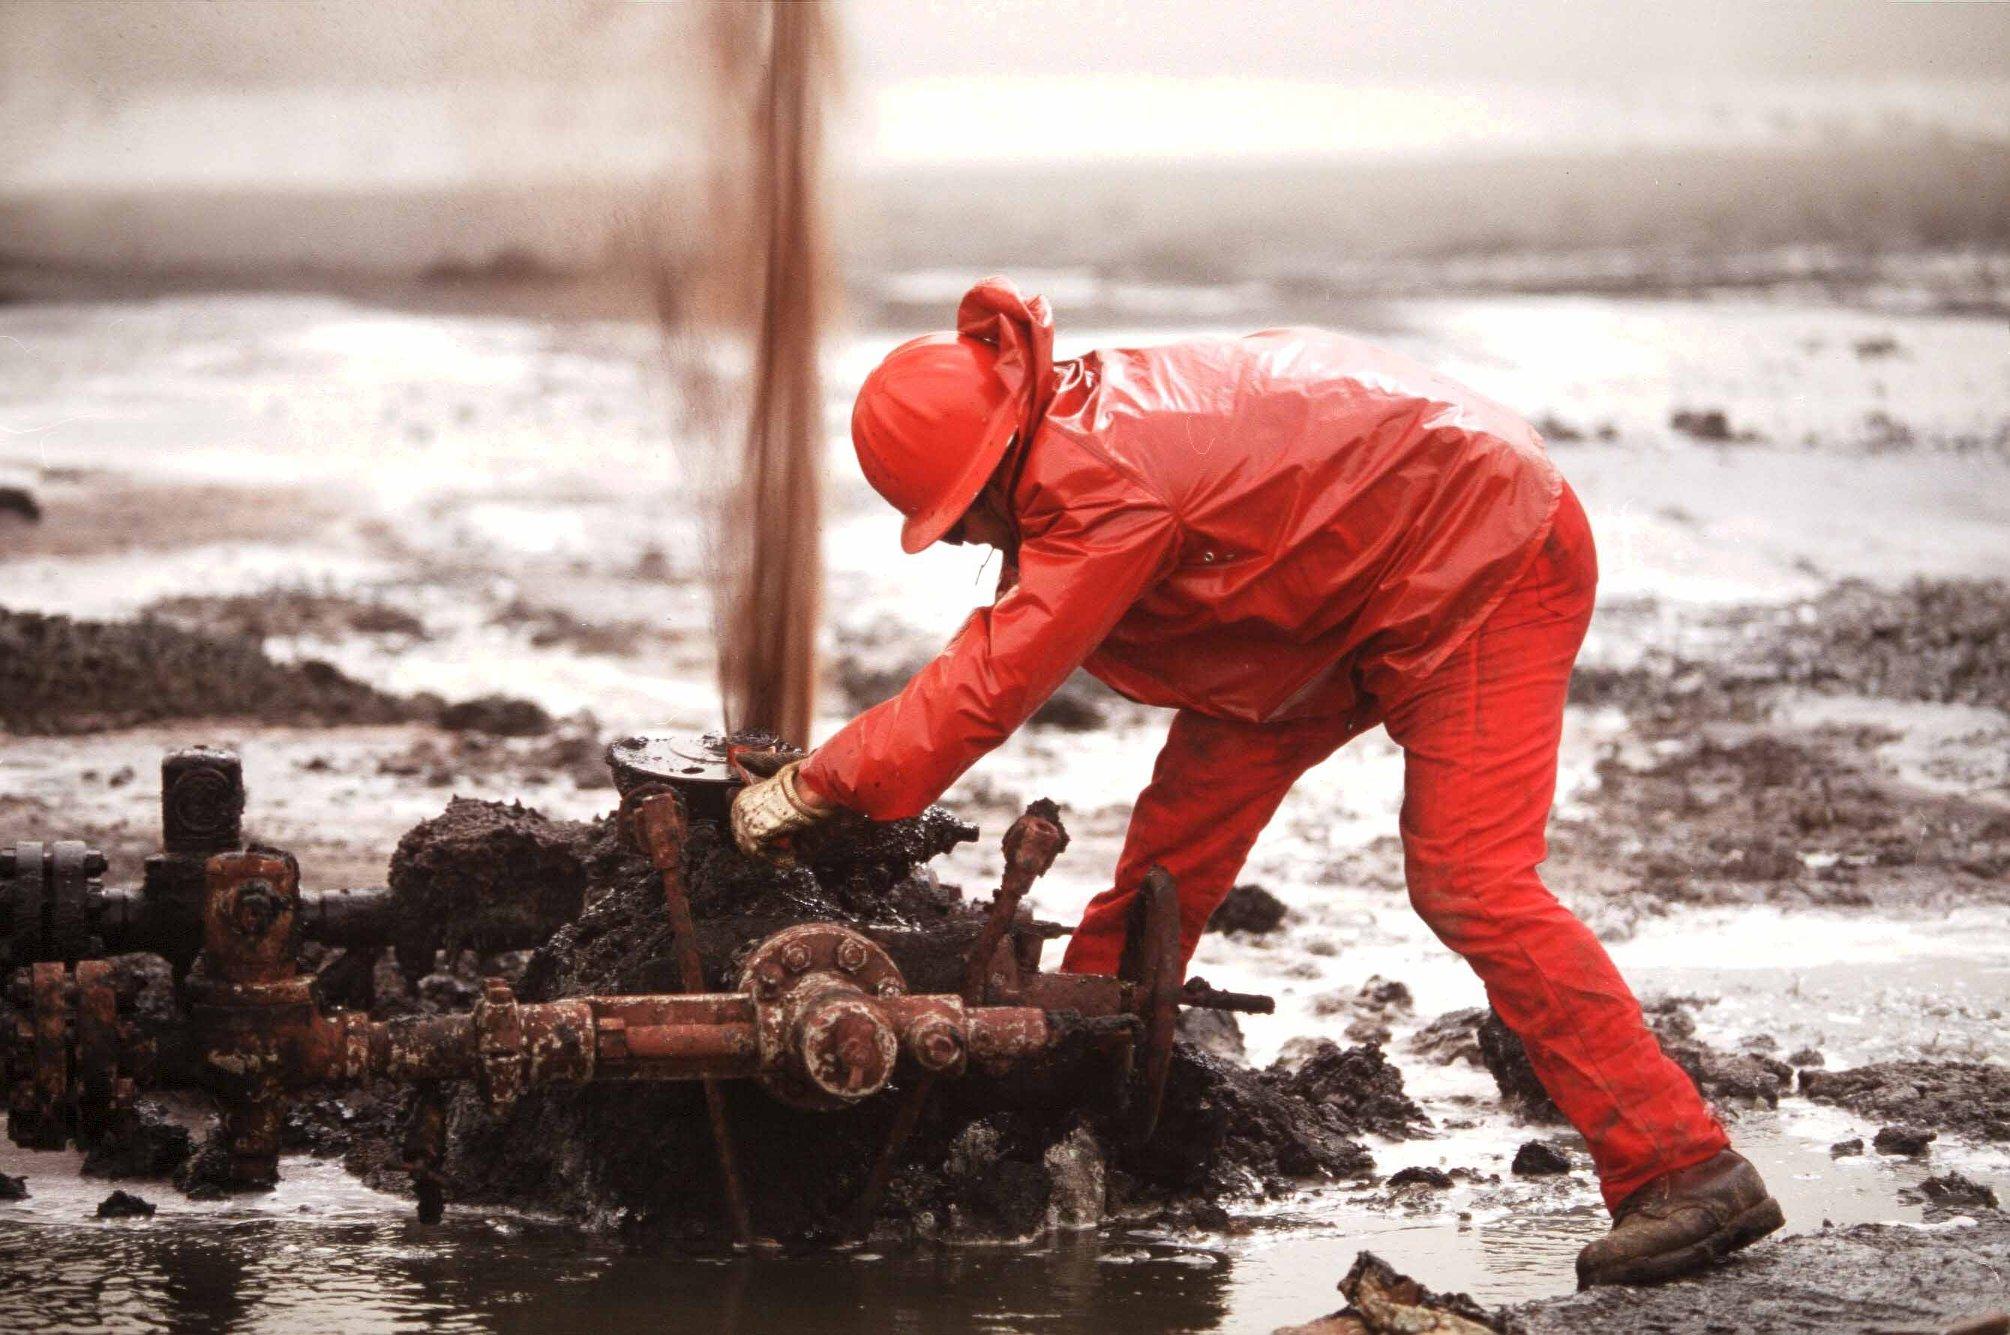 النفط يُسجّل أعلى سعر له منذ 3 سنوات ونصف